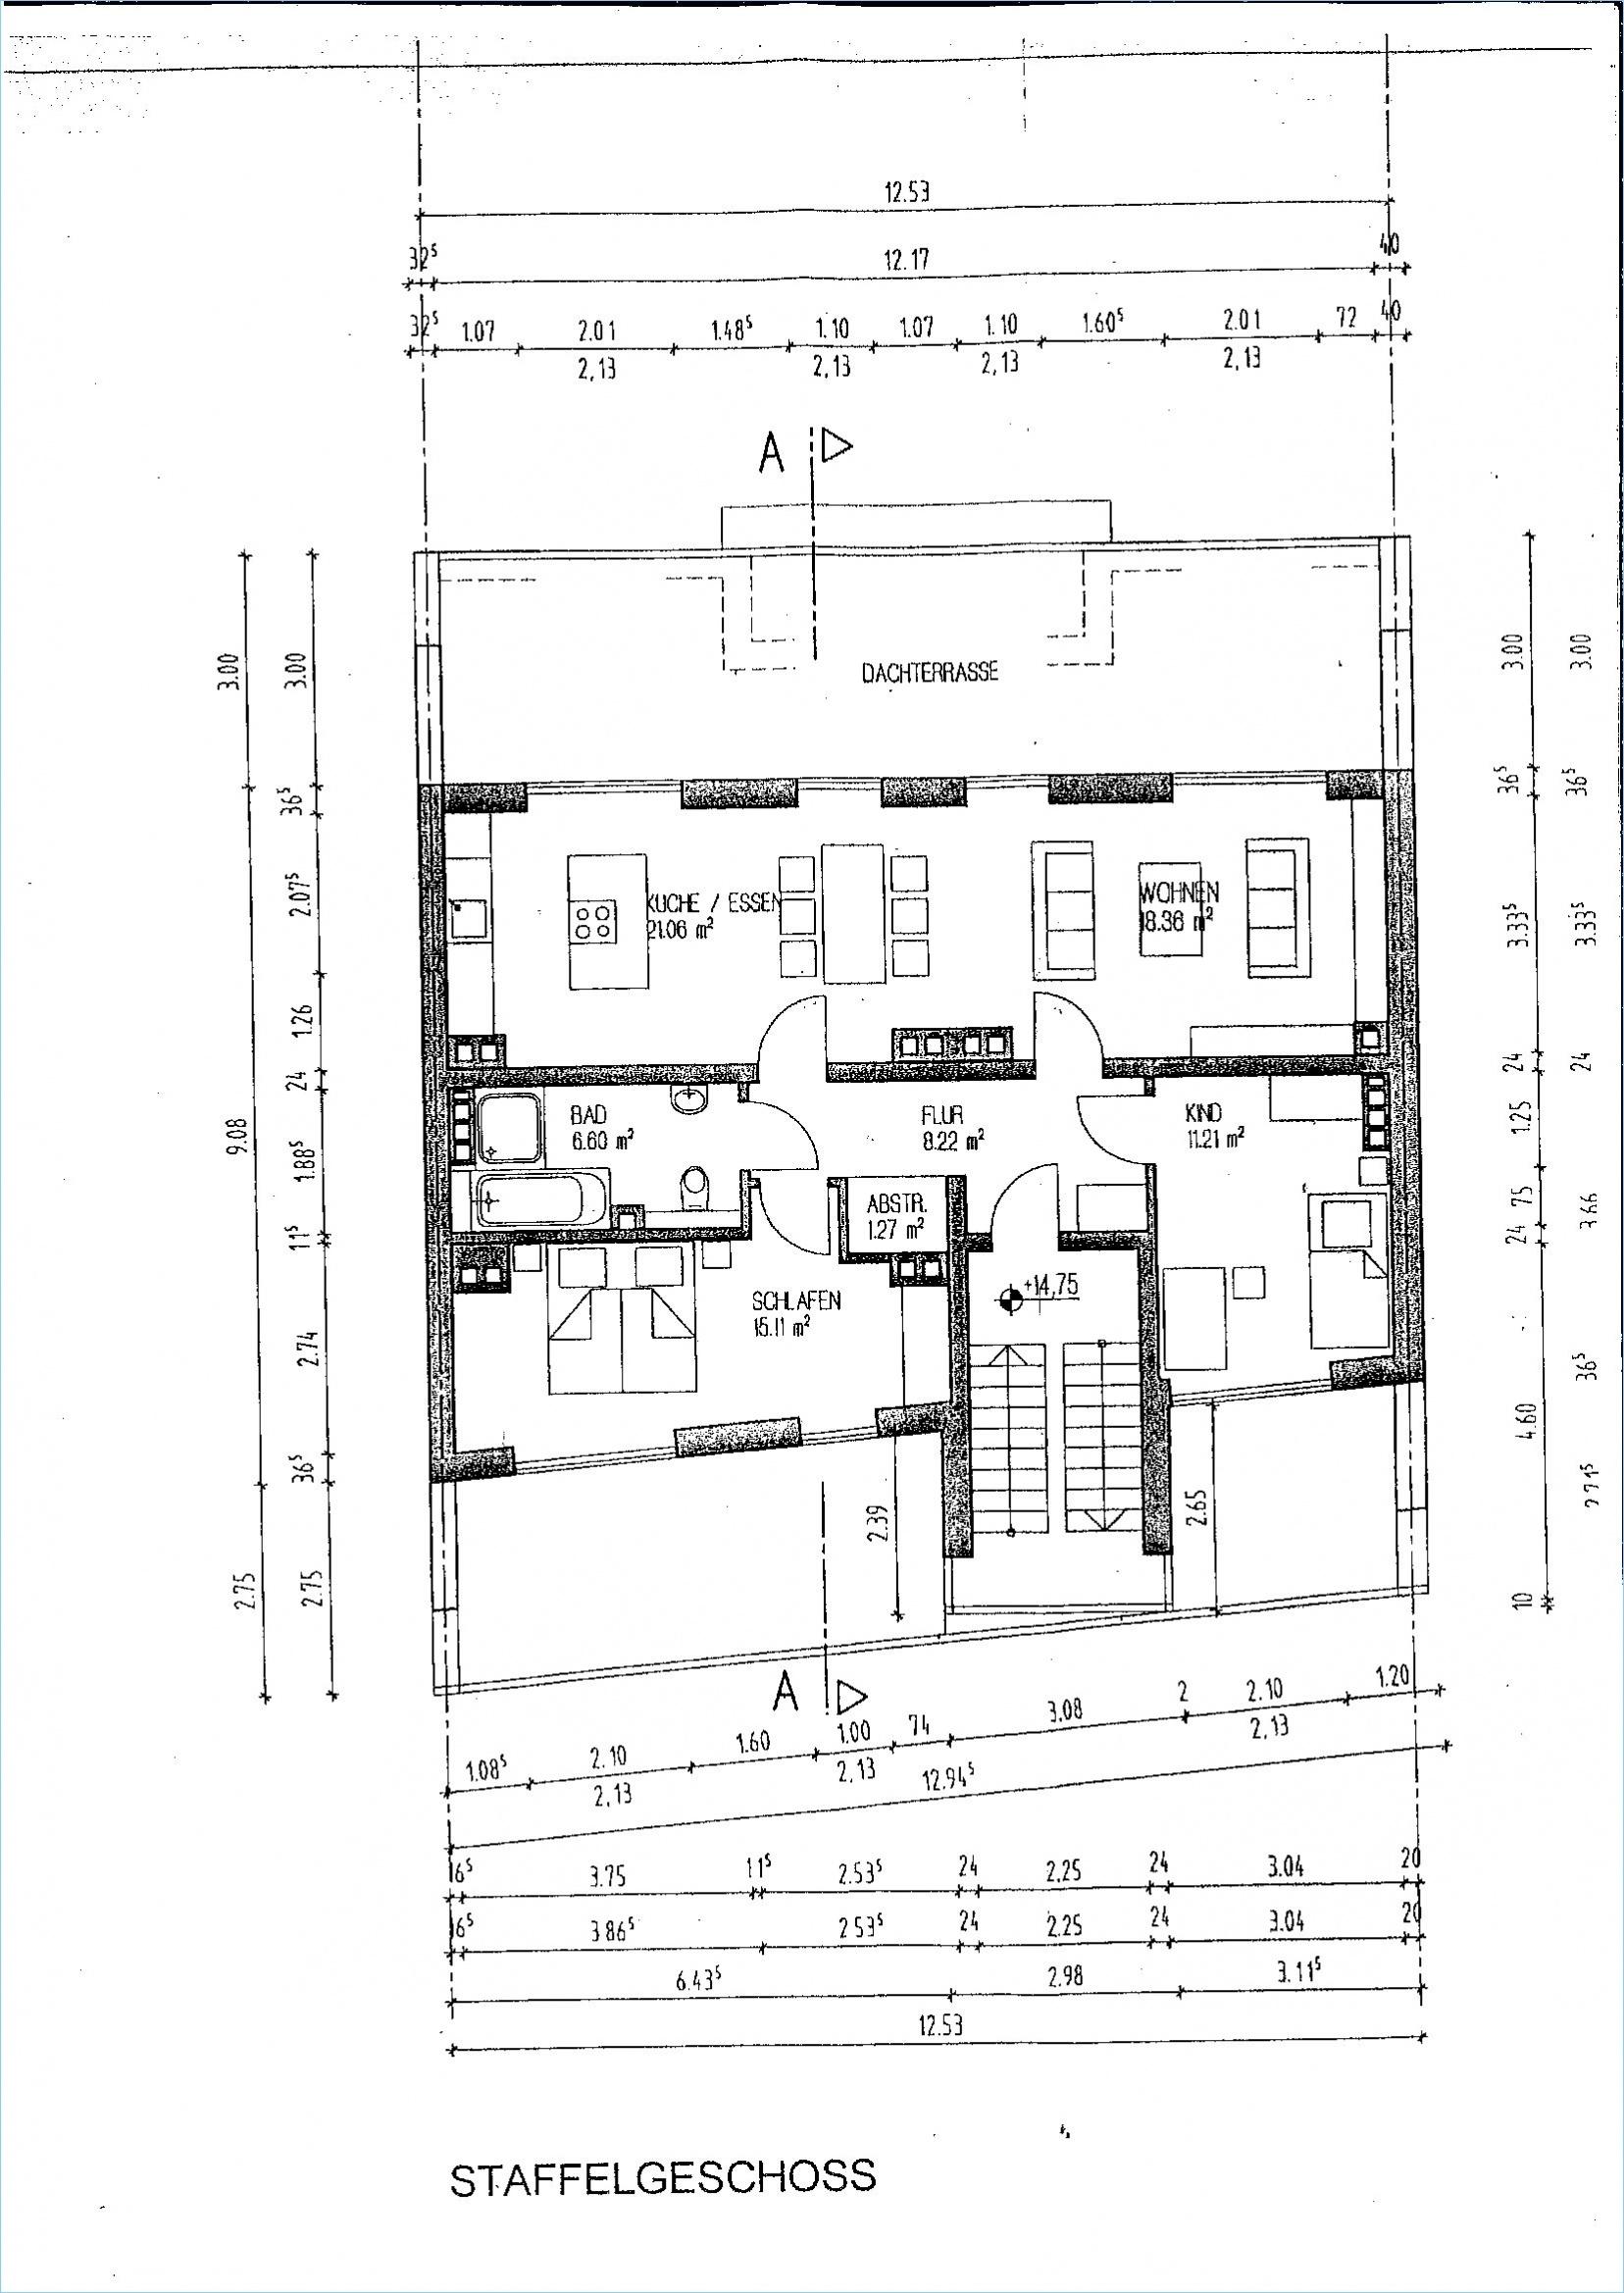 Grundriss Staffelgeschoss